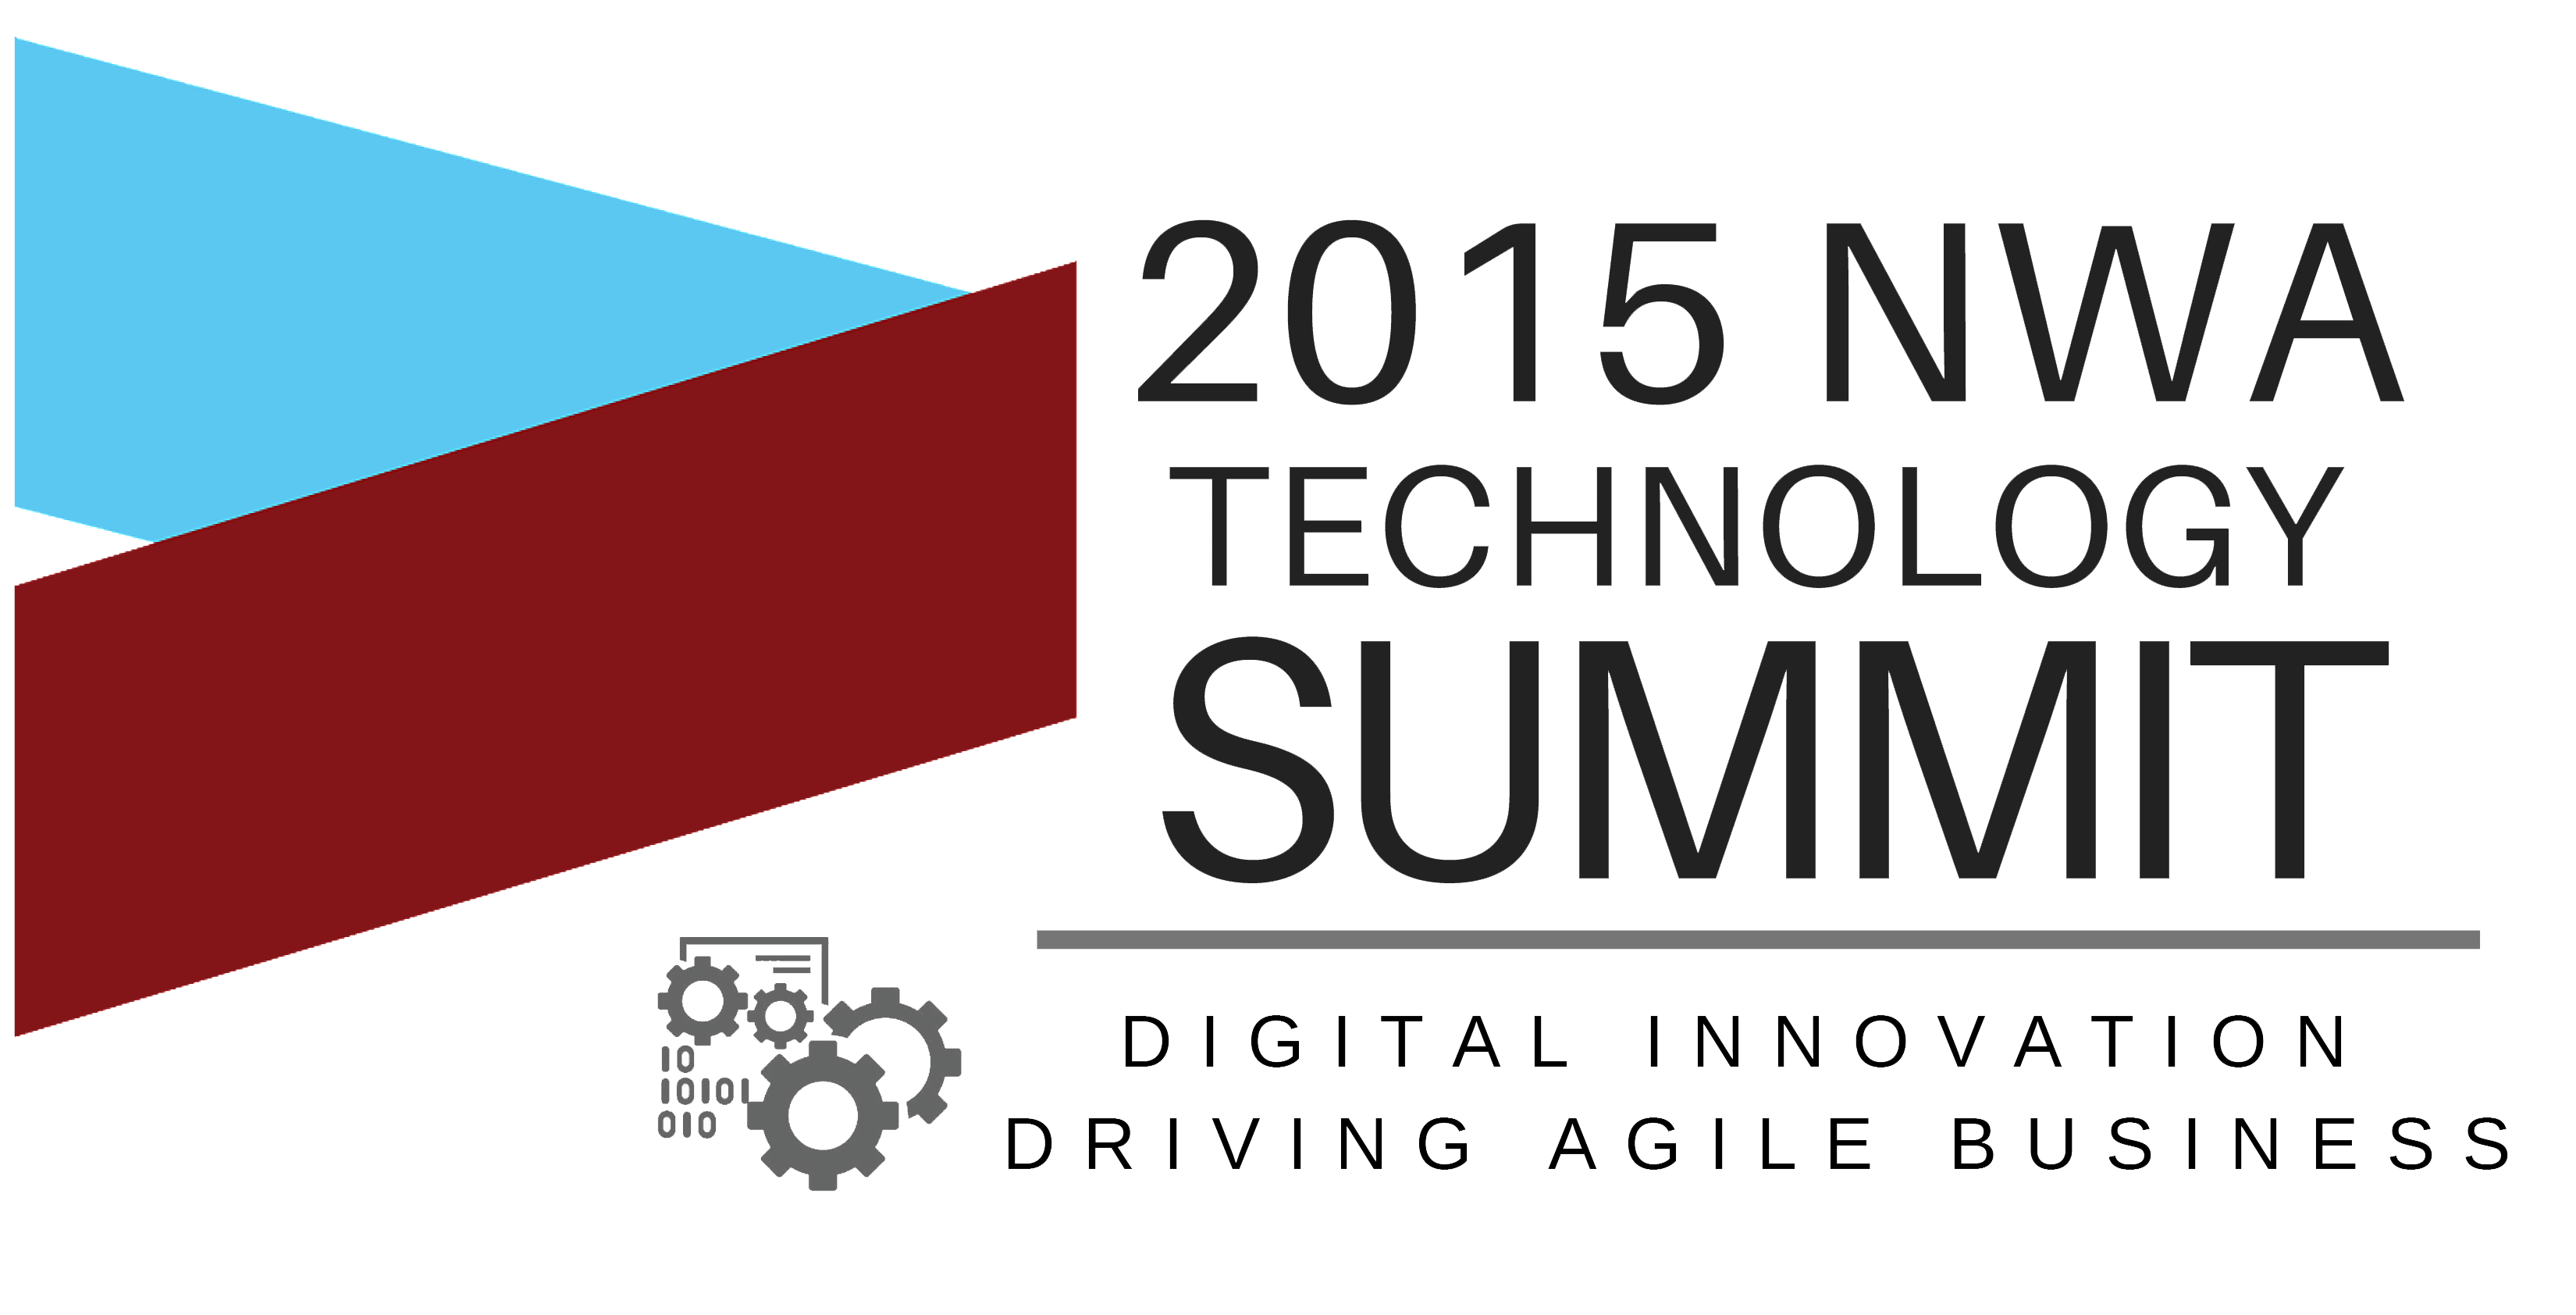 2015 NWA Technology Summit